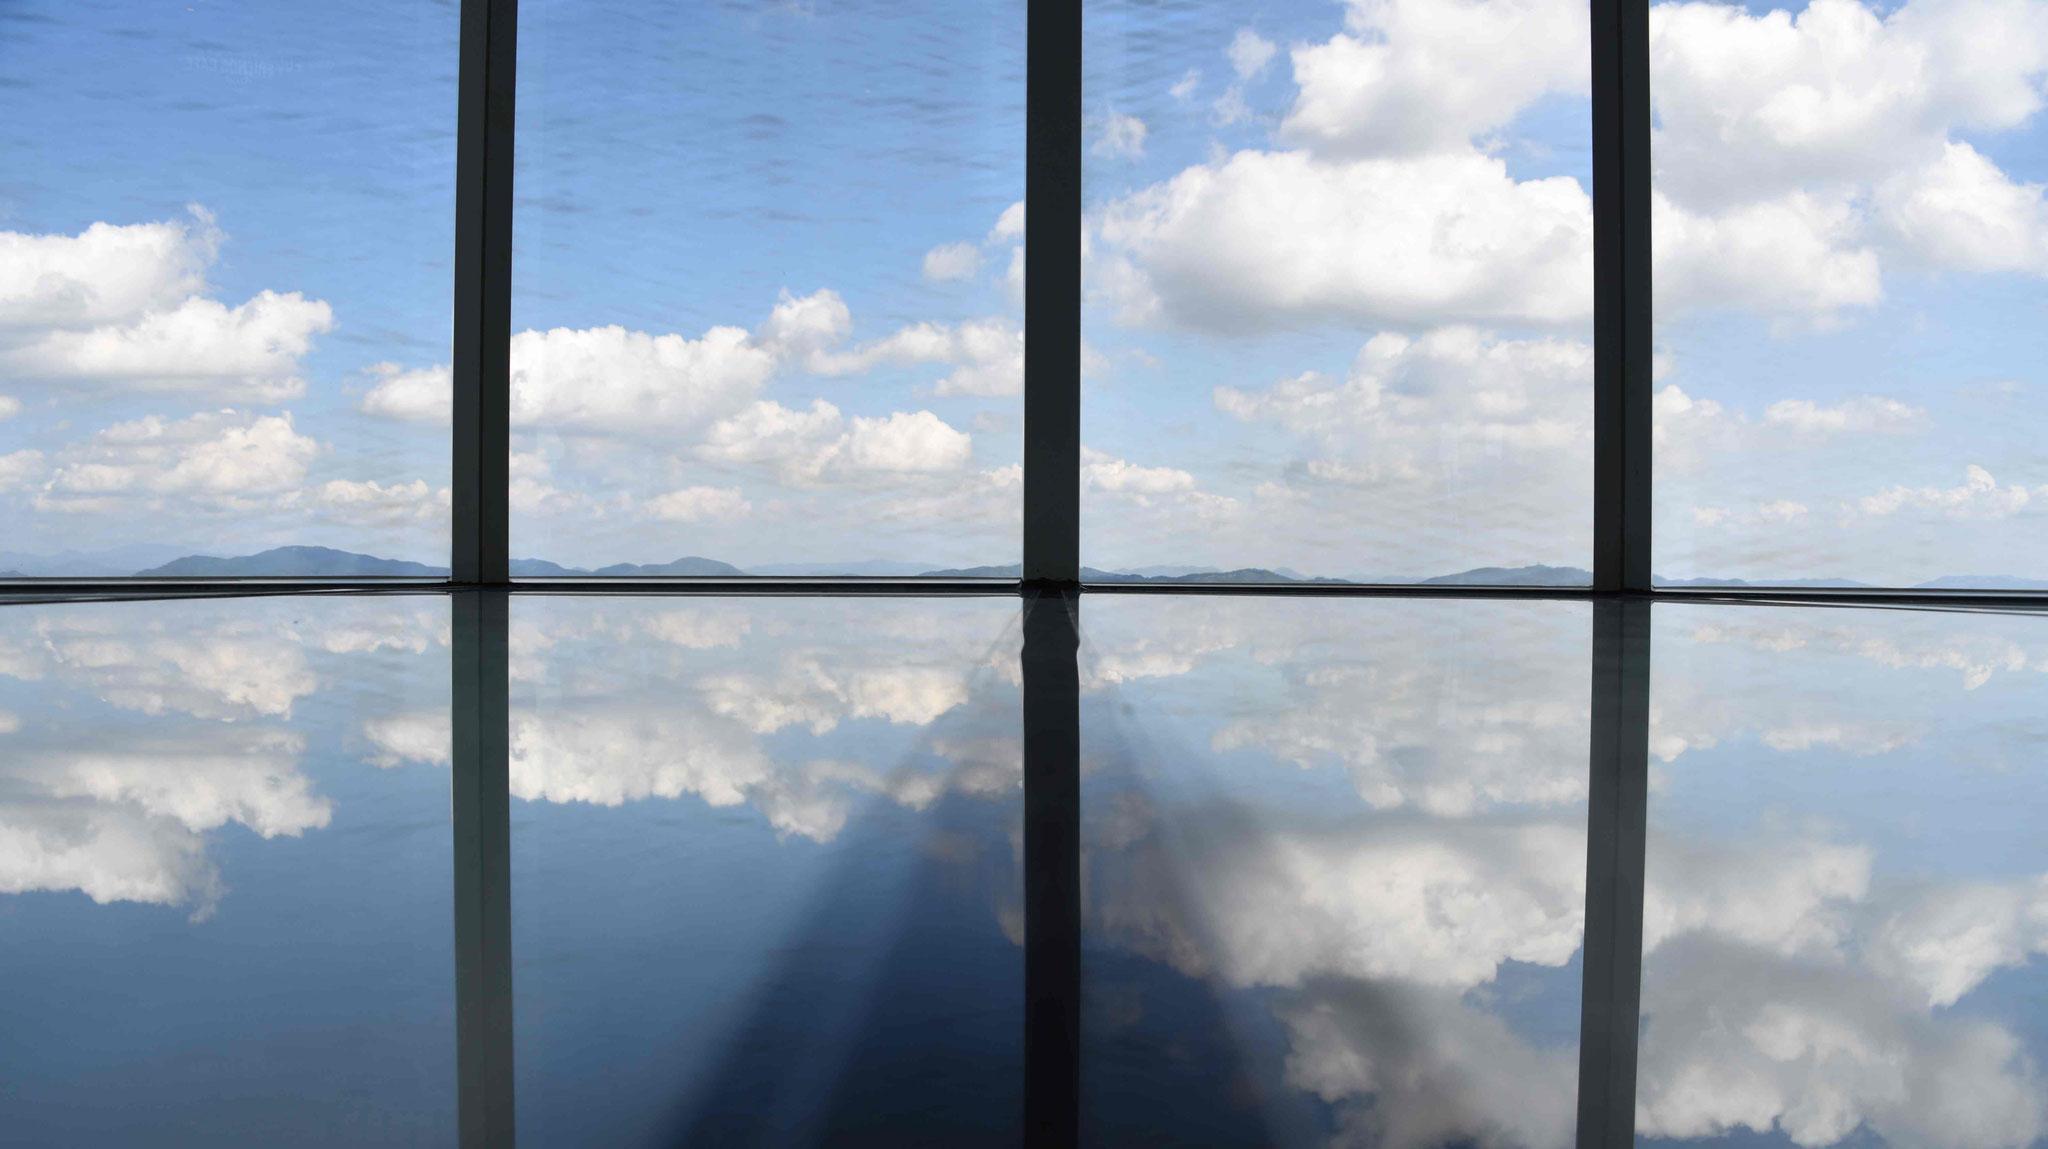 Spiegelung der Wolken auf dem Glasboden